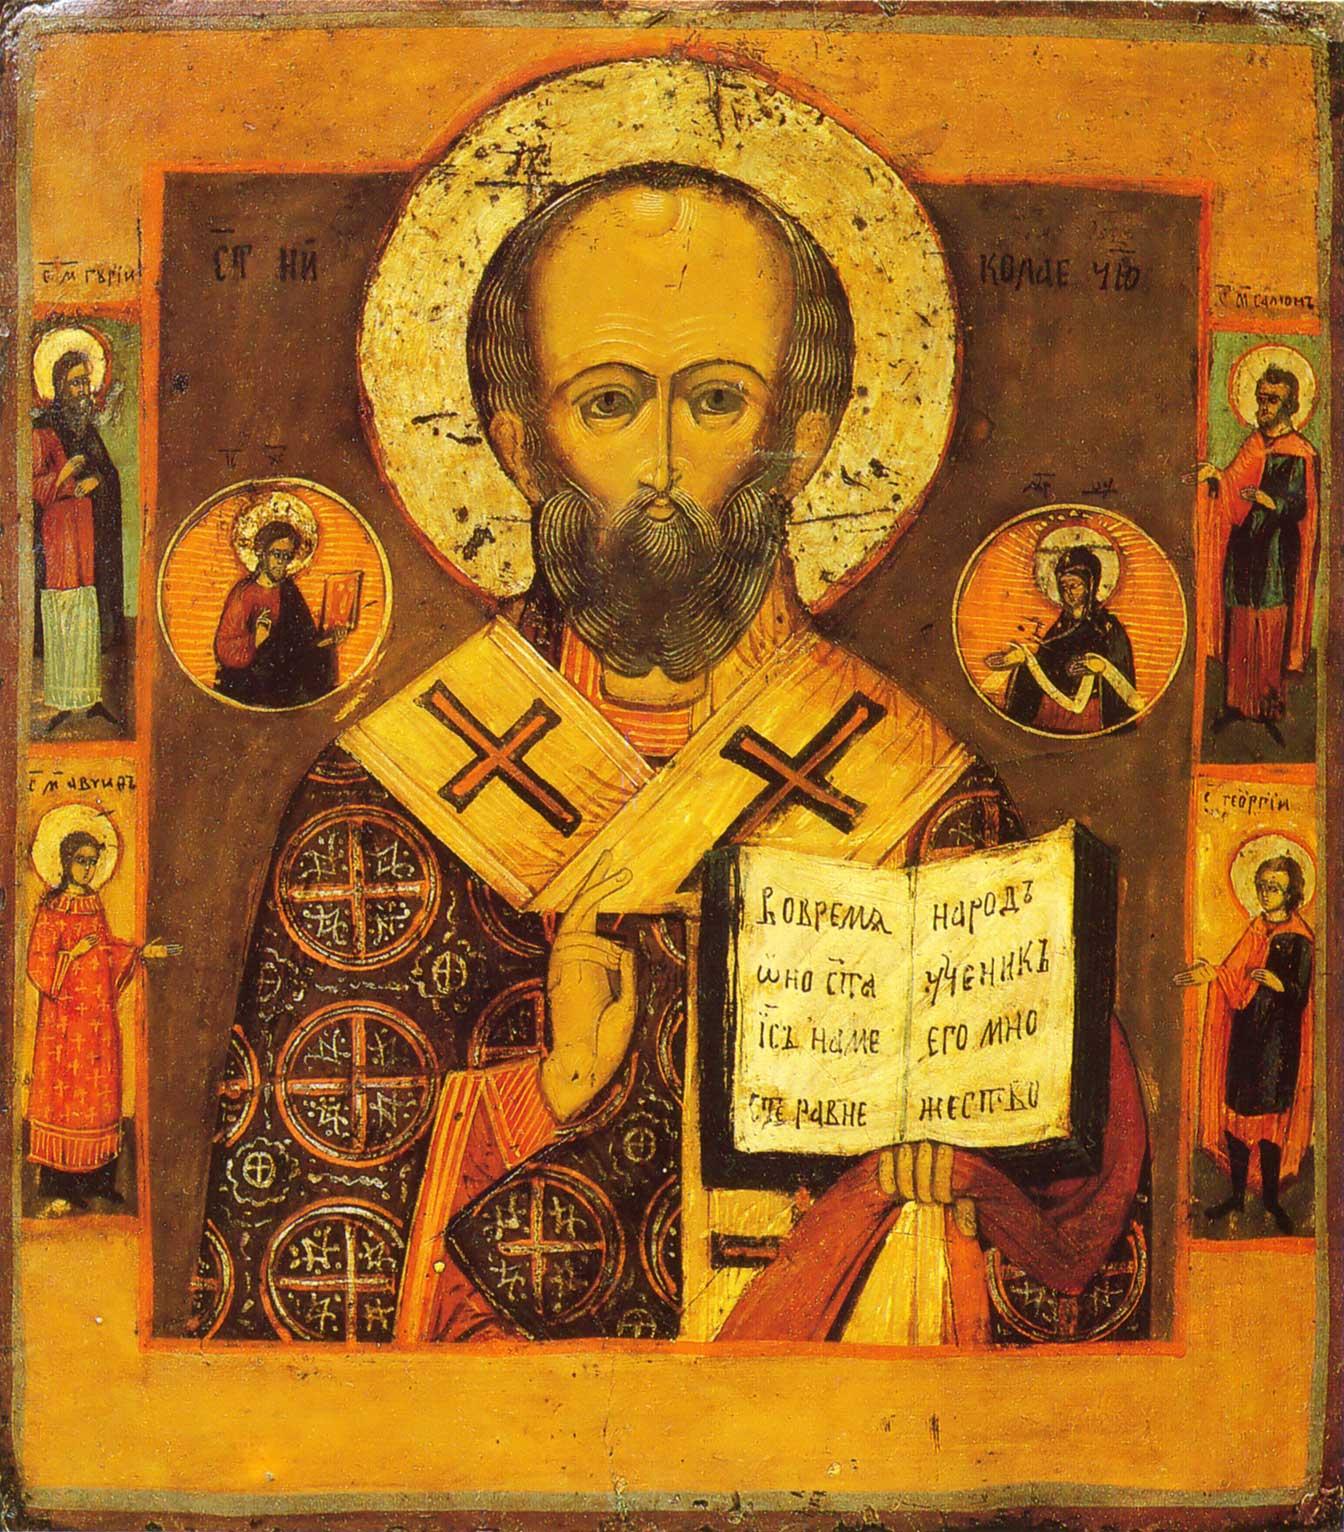 Святитель Николай Чудотворец, с четырьмя святыми на полях